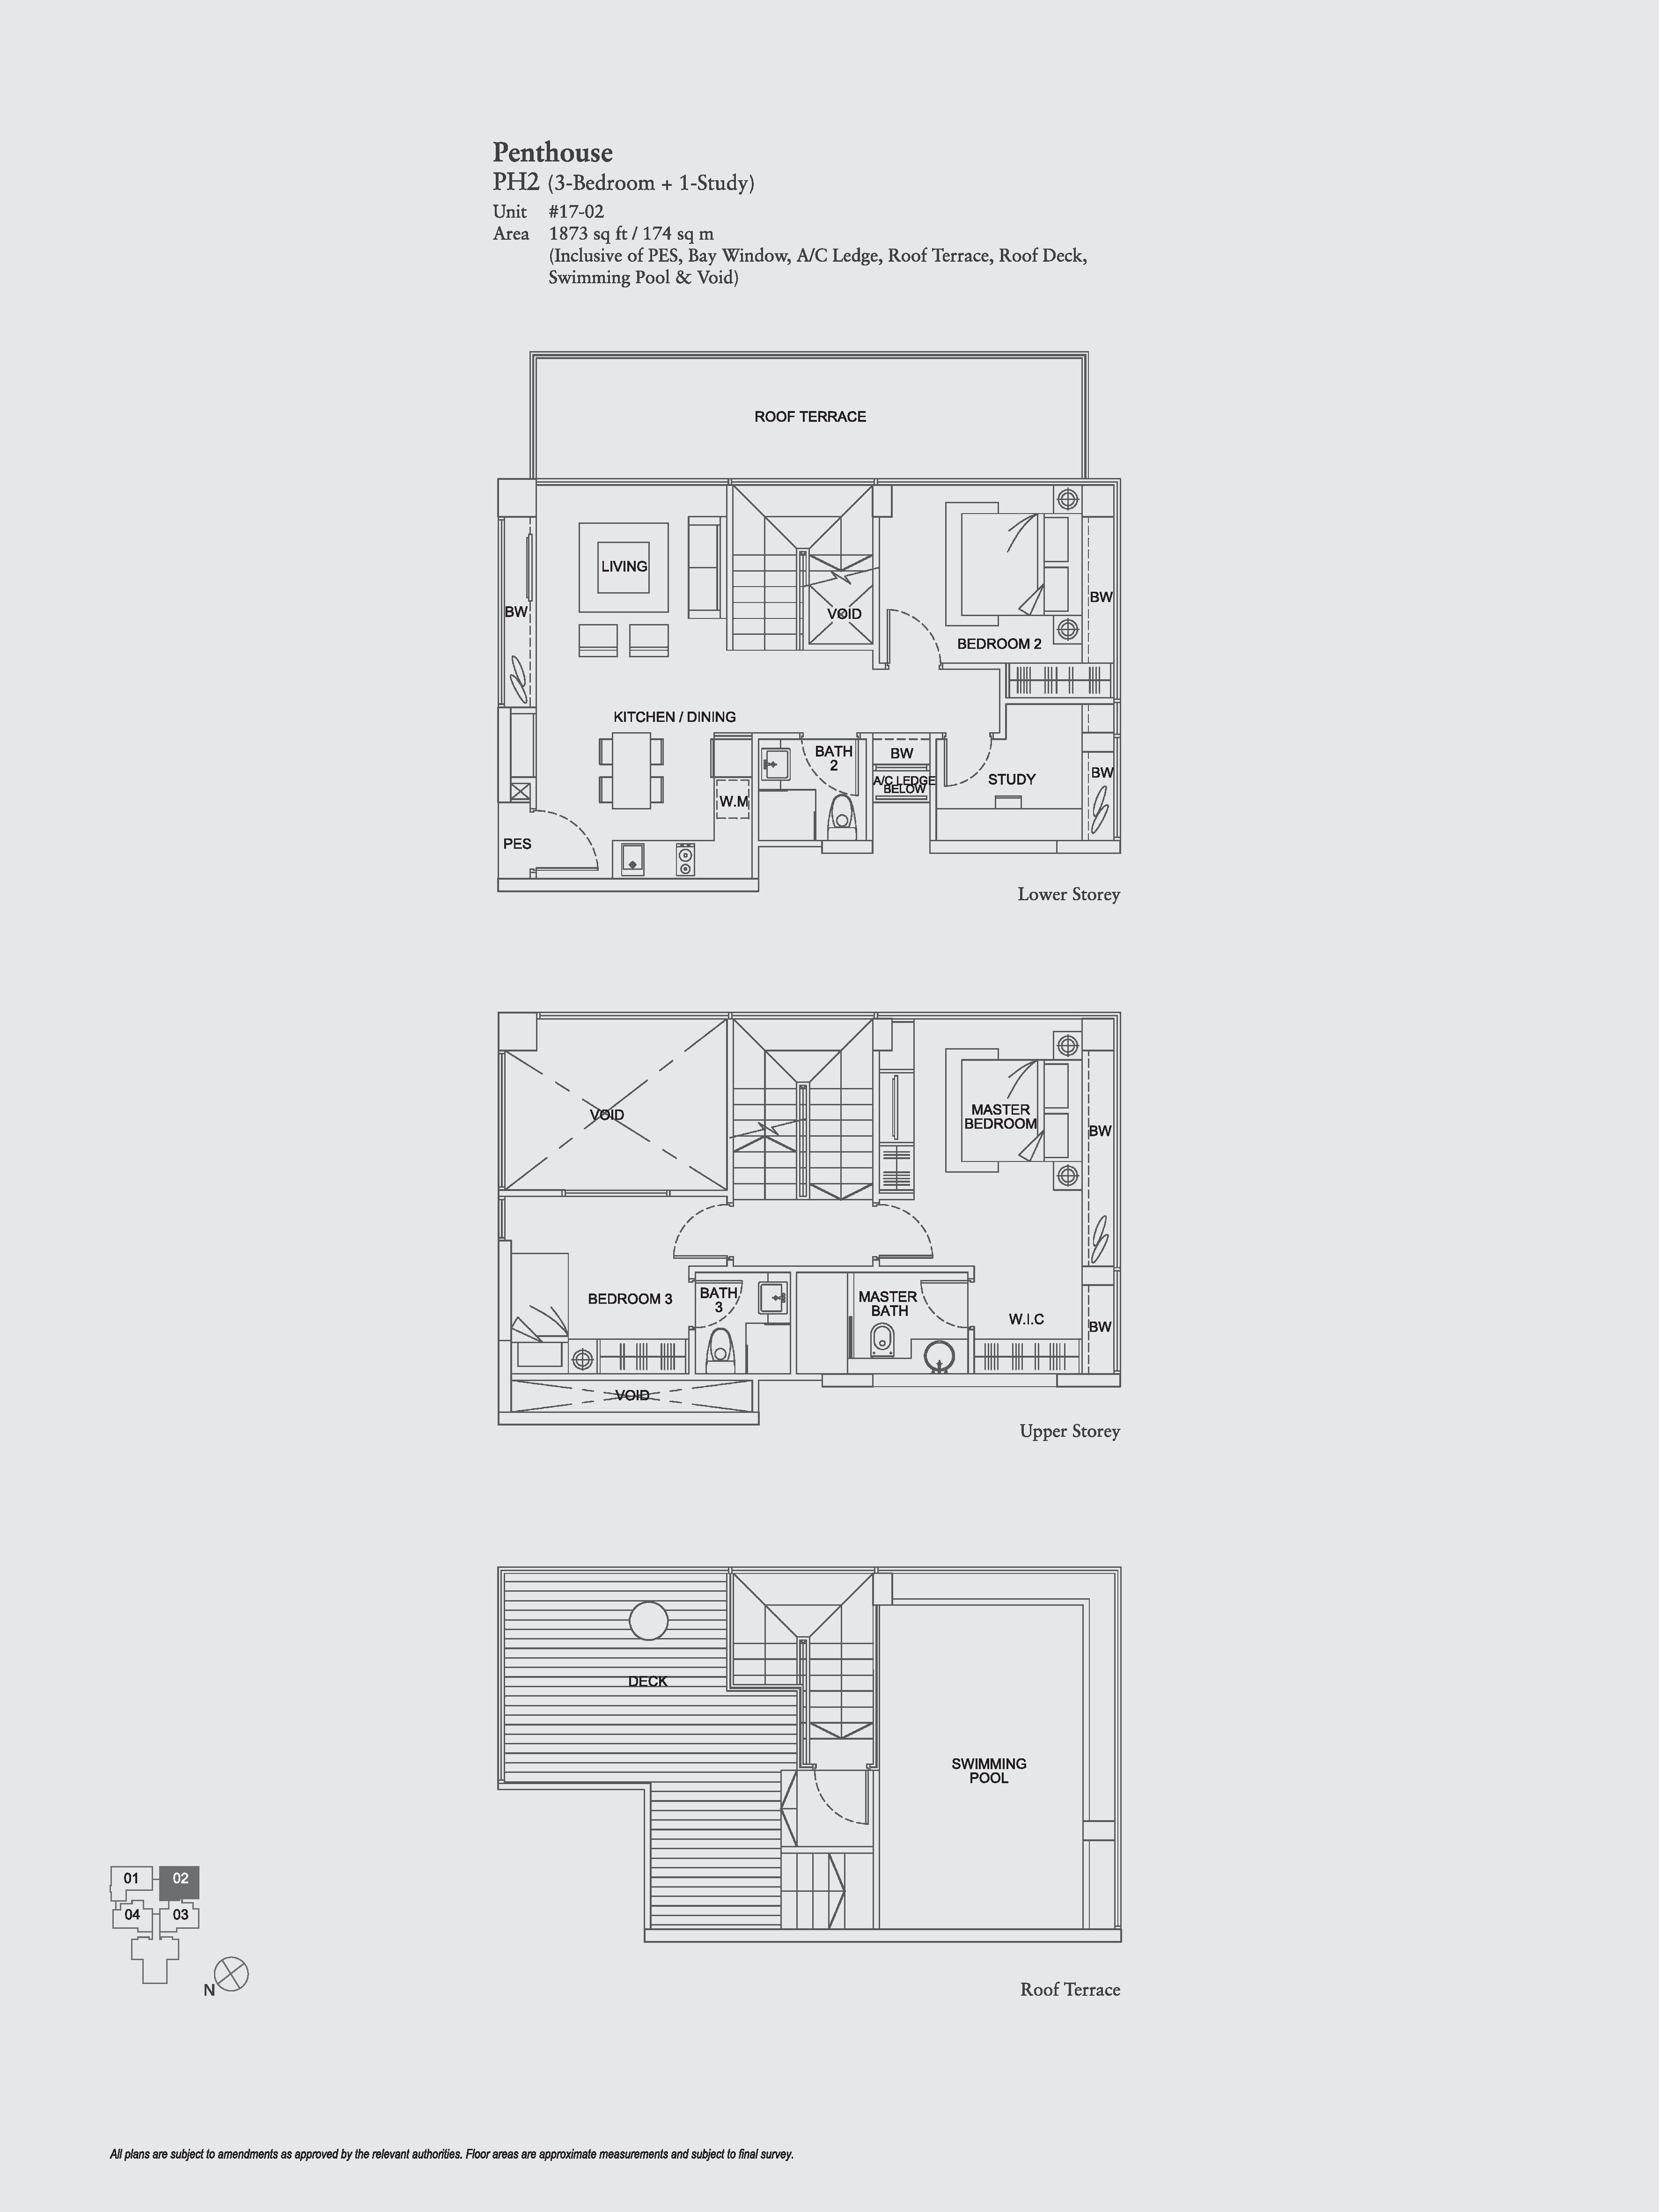 The Aristo 3 Bedroom + Study Floor Plans Type PH2